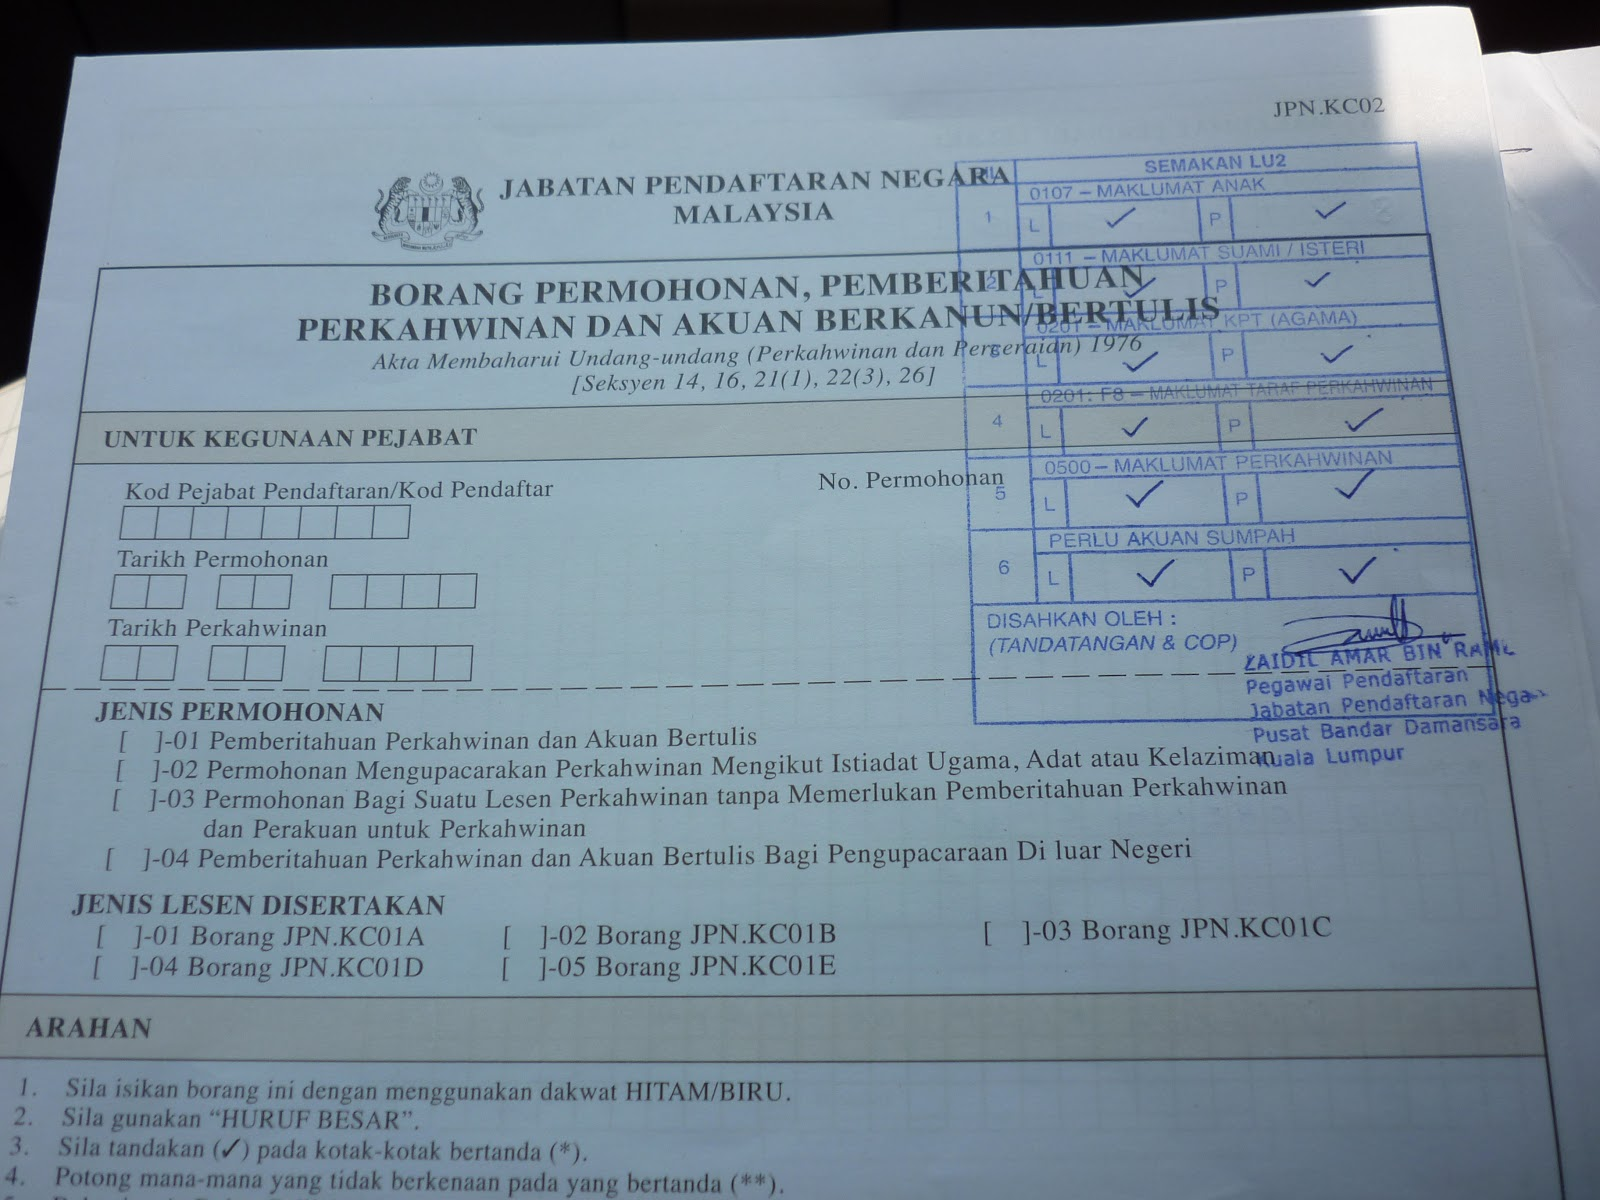 Jpn Kc02 Borang Permohonan Pemberitahuan